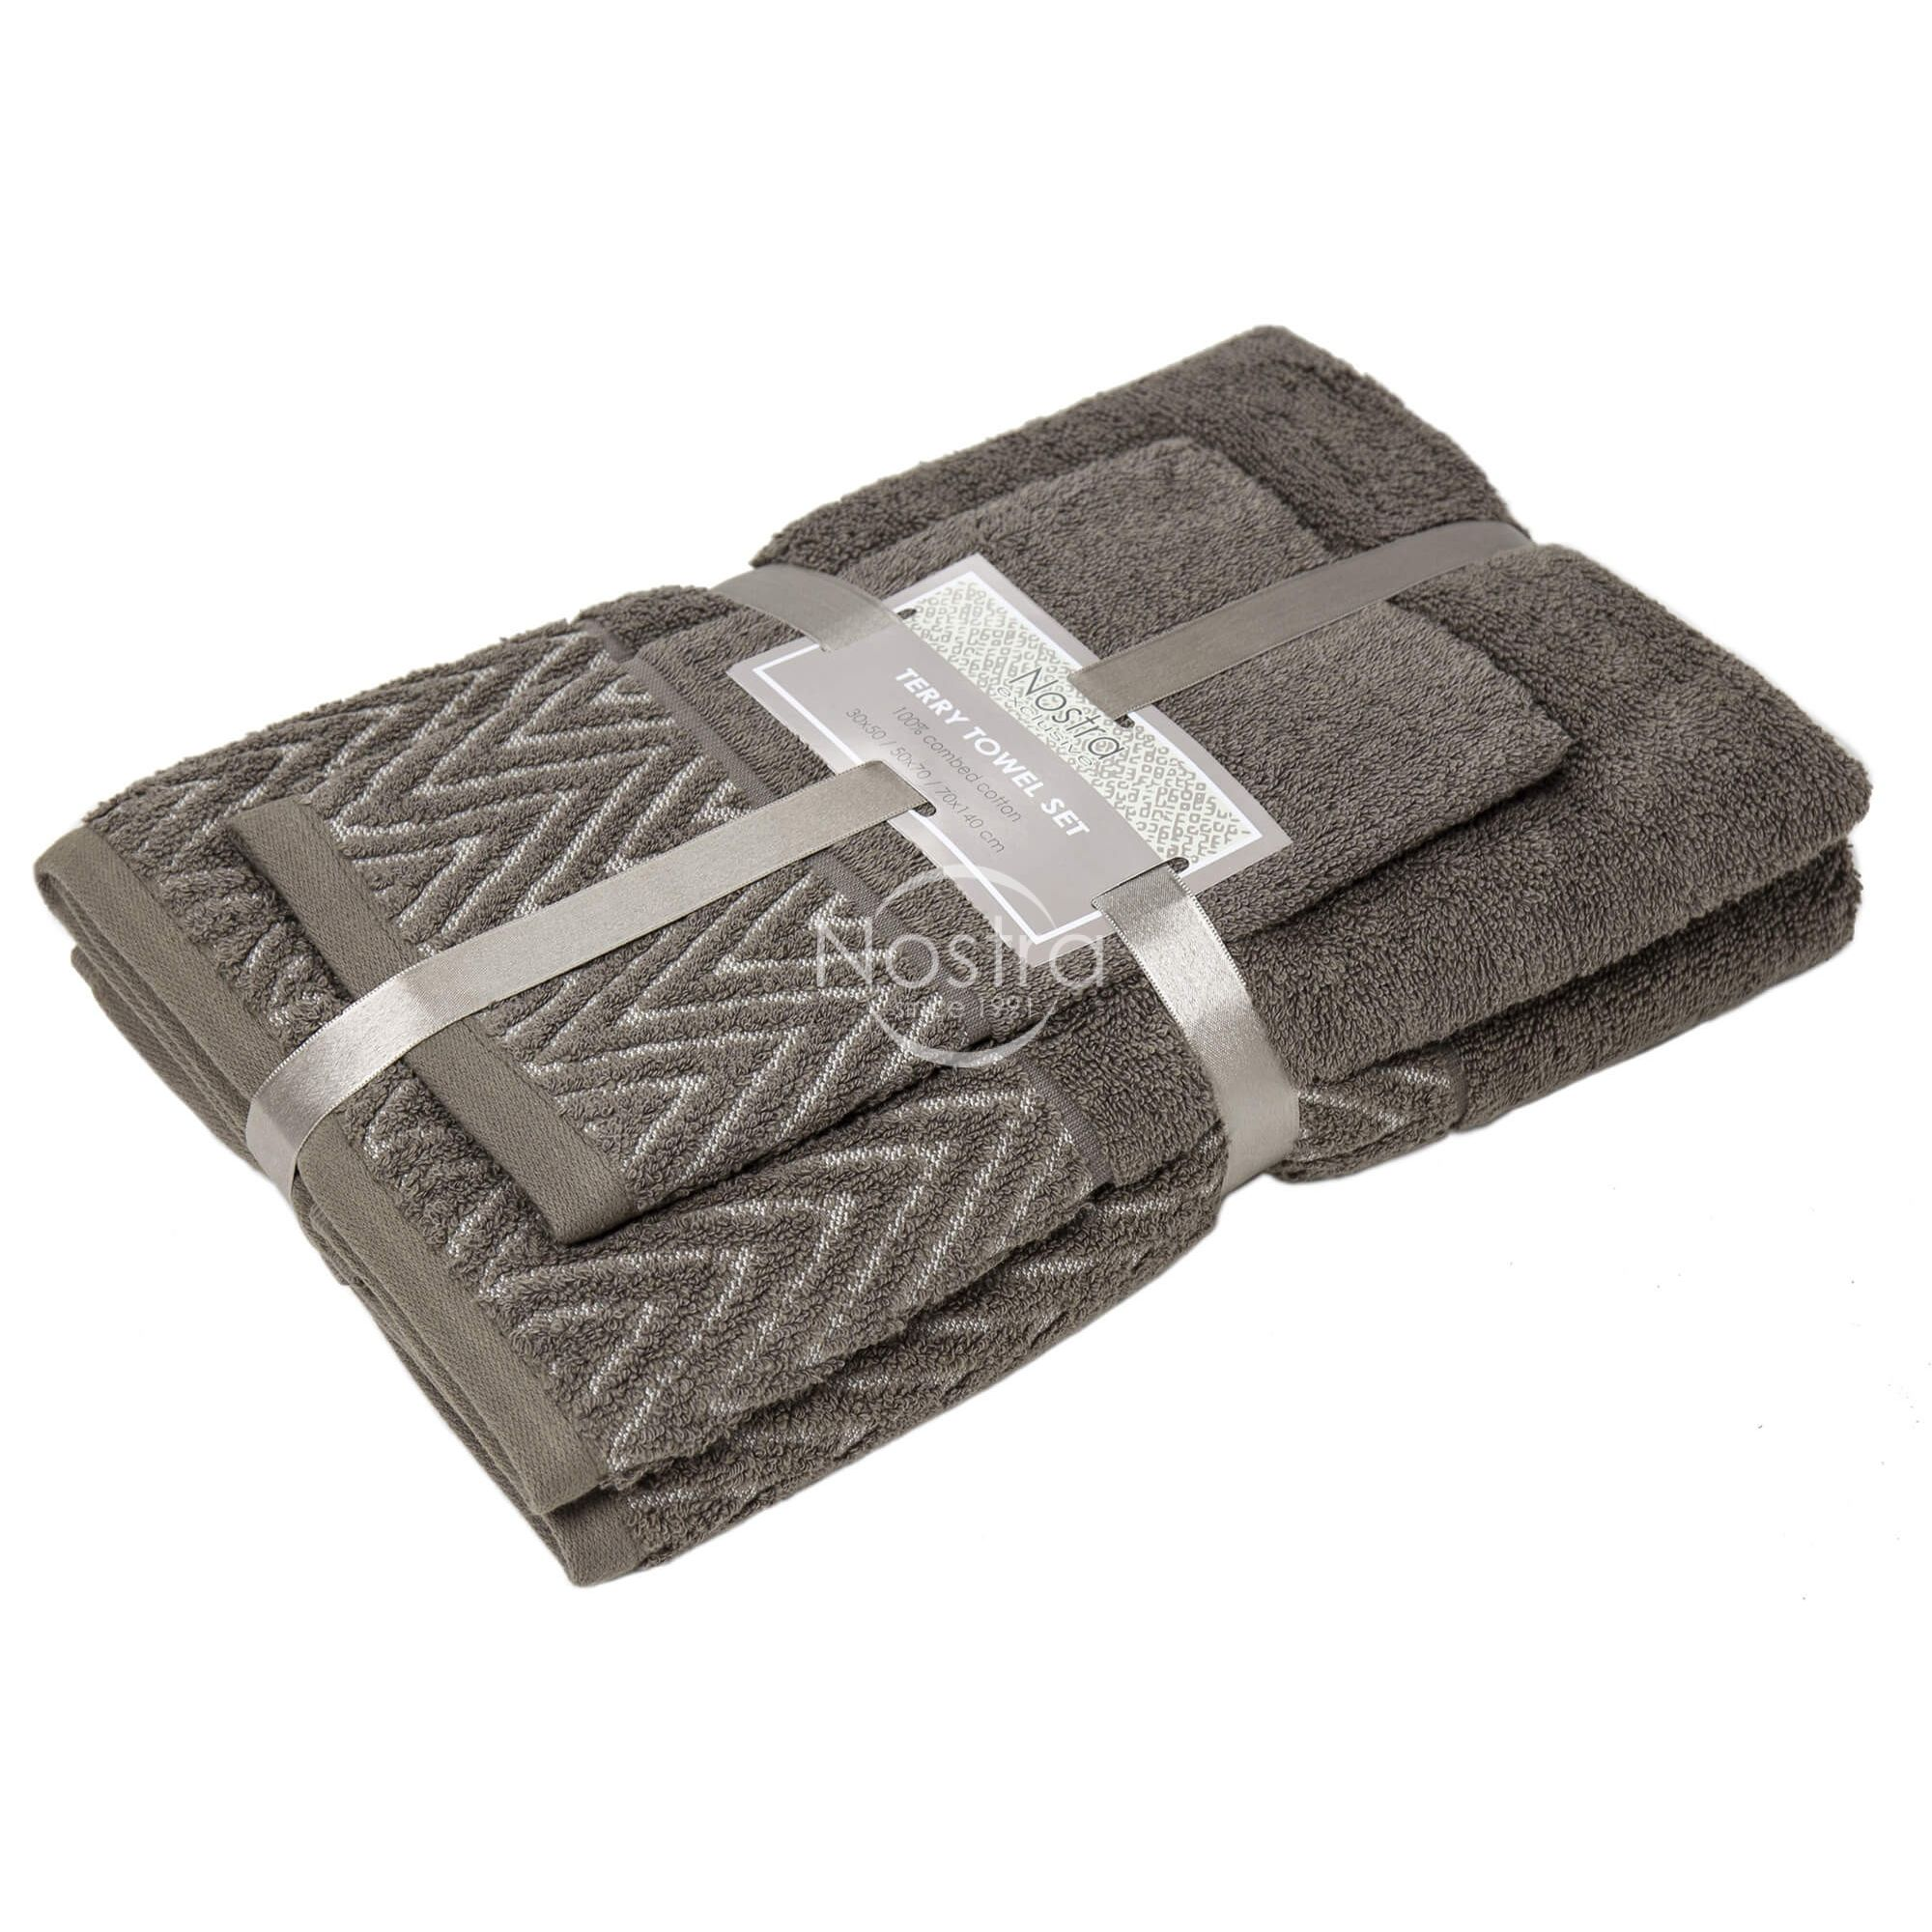 3 dalių rankšluosčių komplektas T0108 T0108-BROWN 393